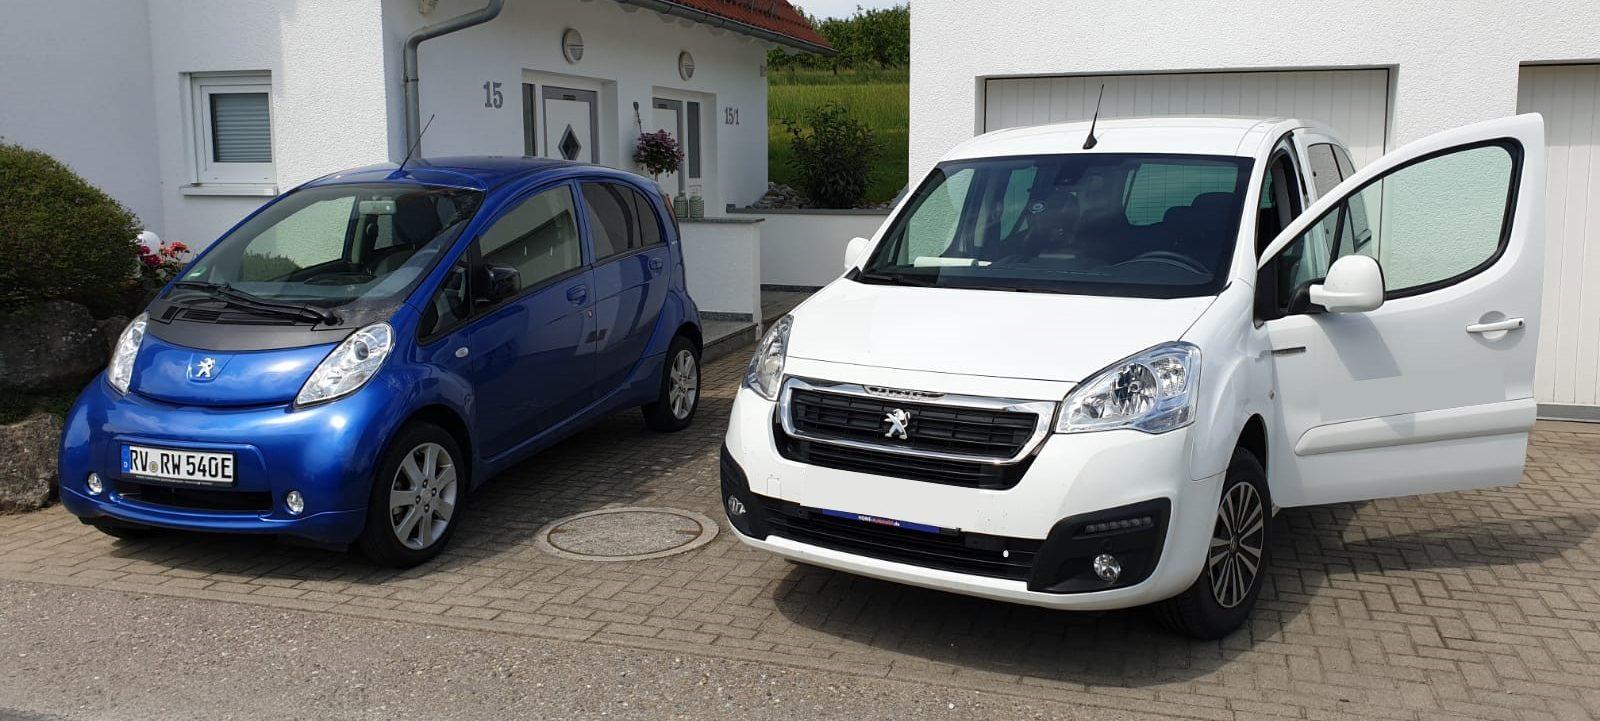 2-Autos-1600x721